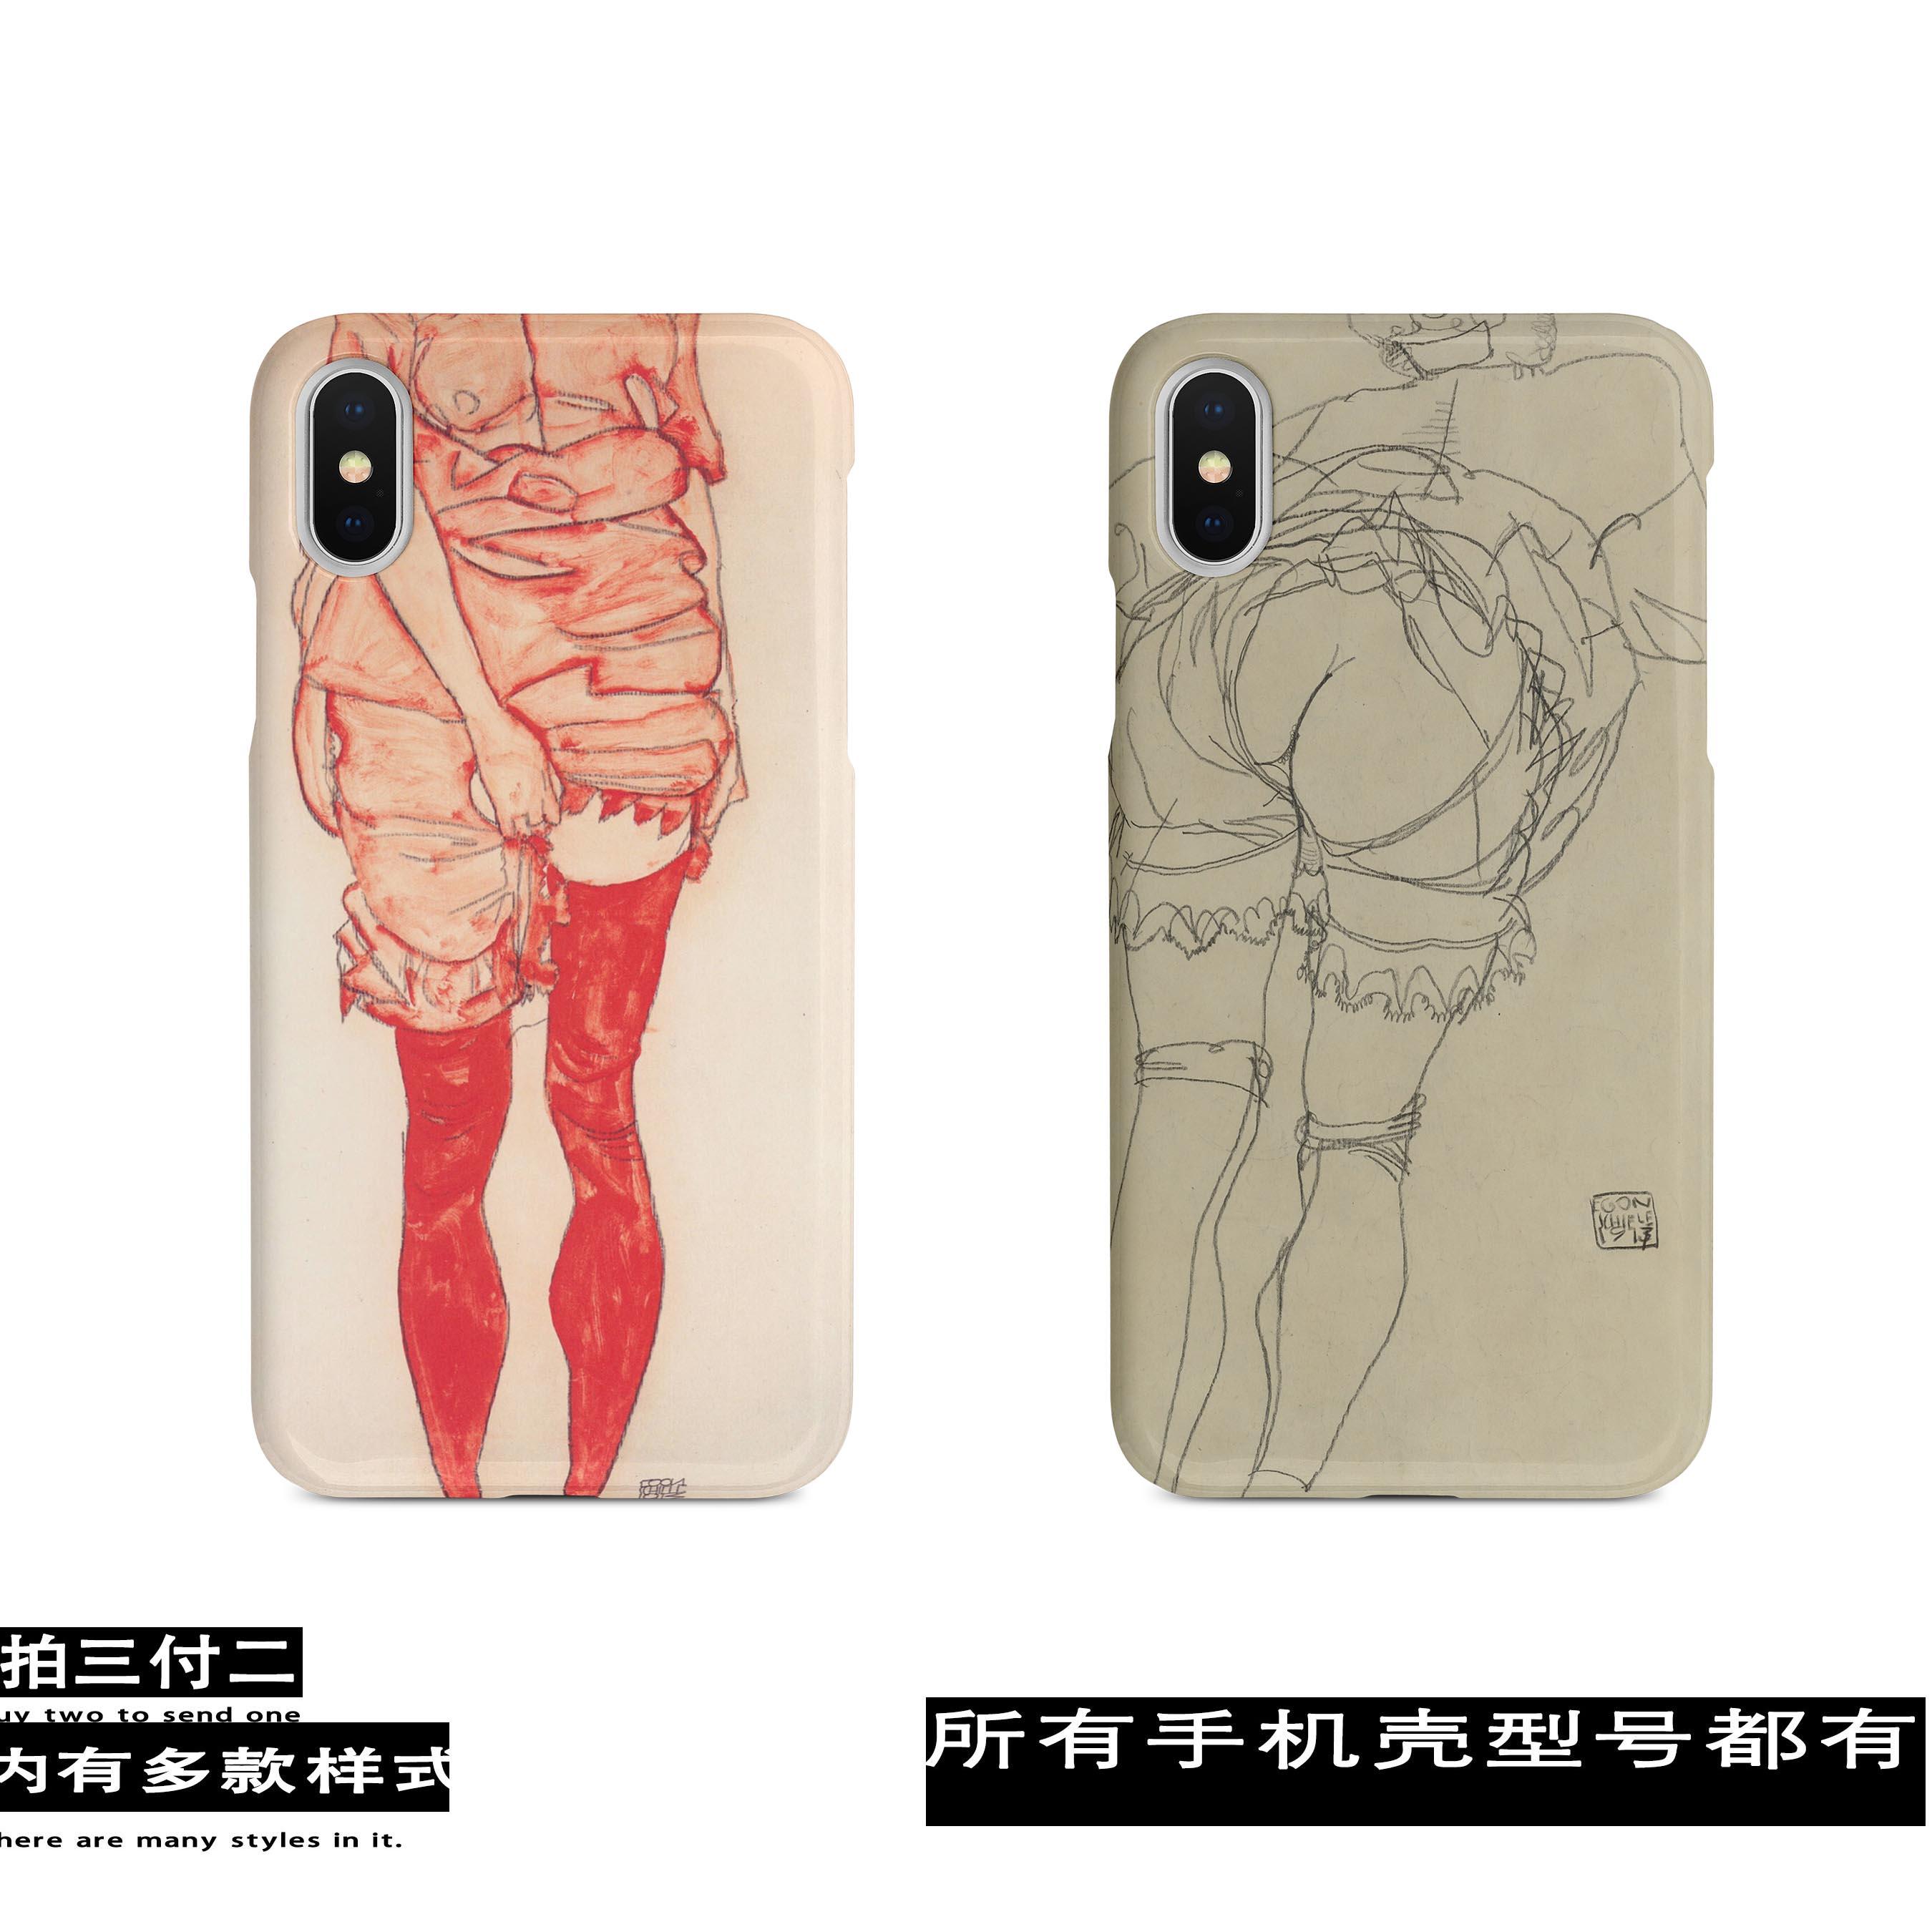 席勒油画美术生艺术生文艺油画手机壳适用于苹果安卓xs/iPhone11图片